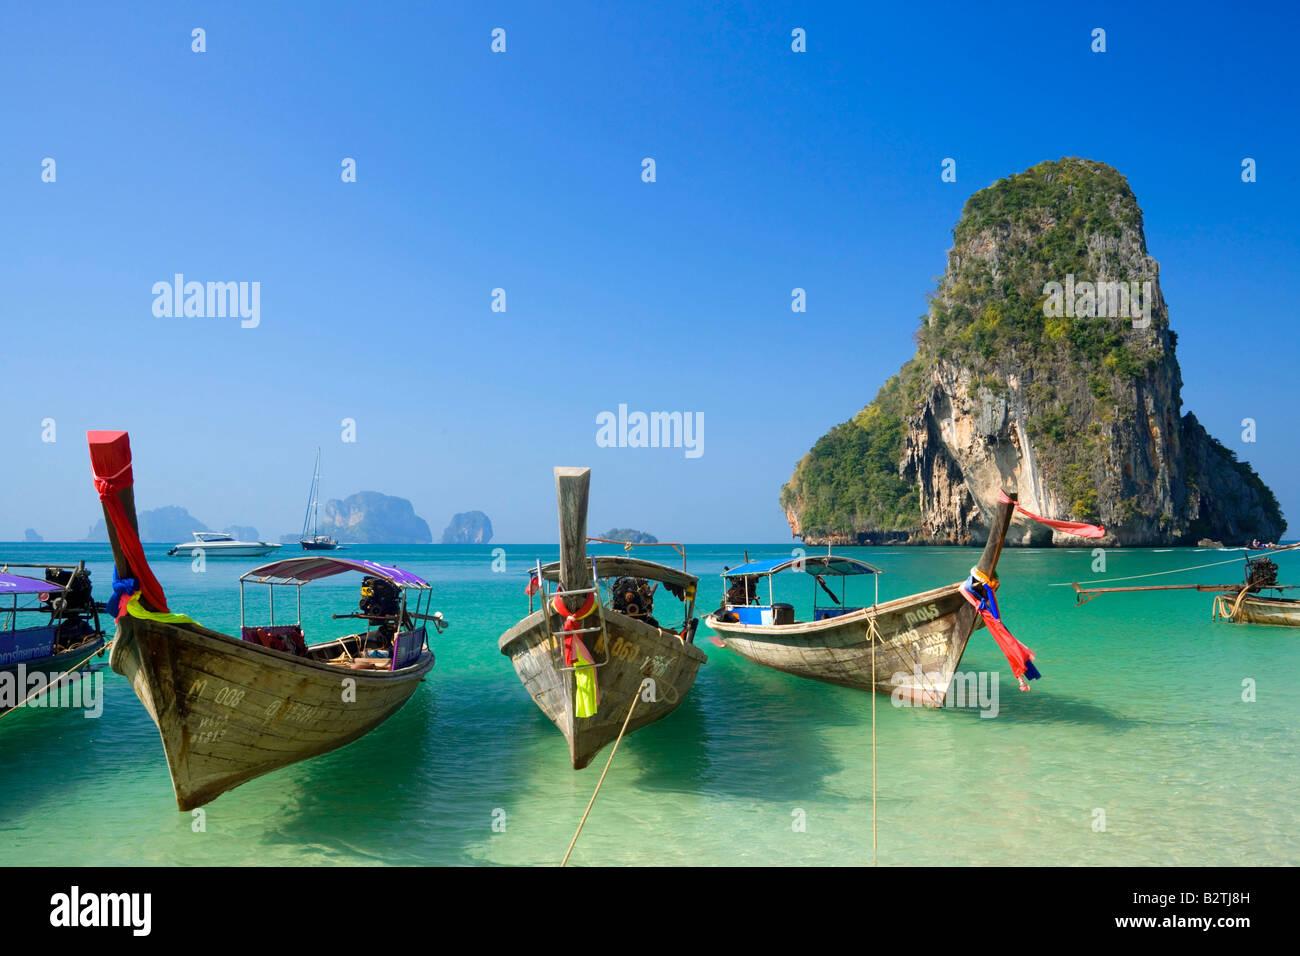 Los barcos anclados en el acantilado de tiza, antecedentes, Phra Nang Beach, Laem Phra Nang, Railay, Krabi, Tailandia, Imagen De Stock